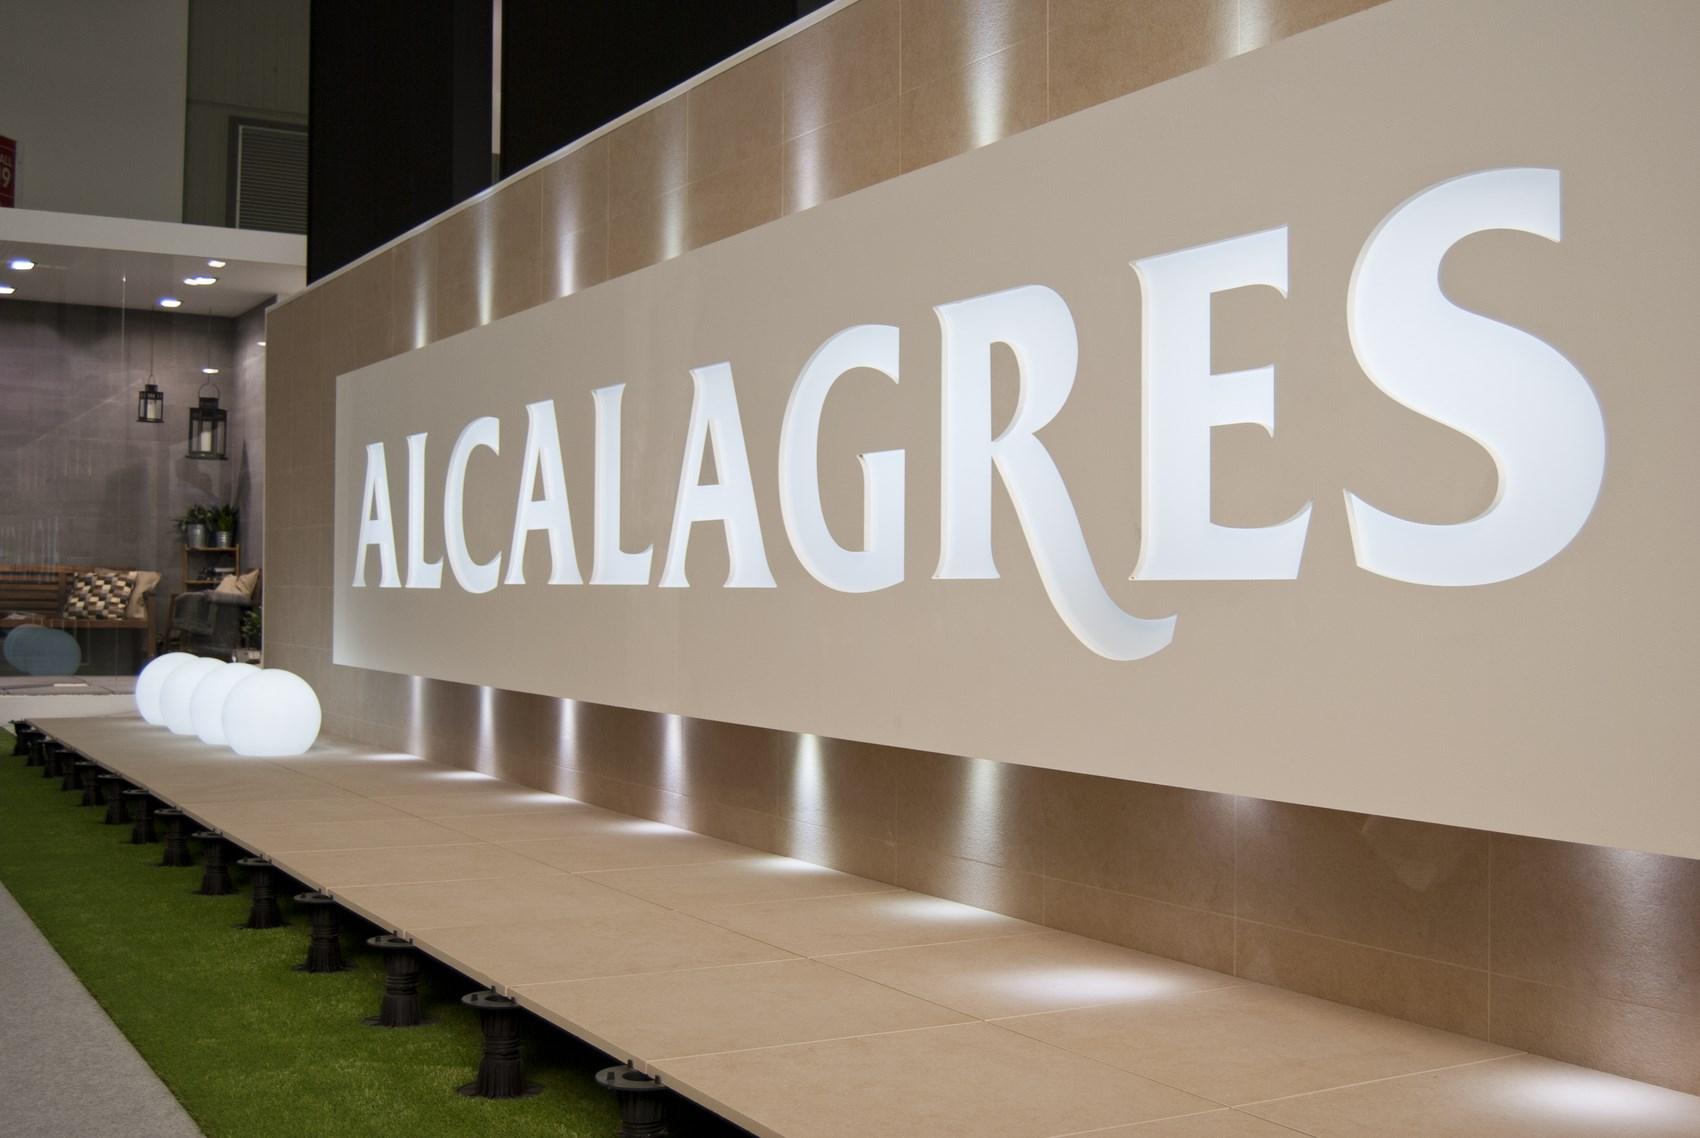 alcalagres (5)